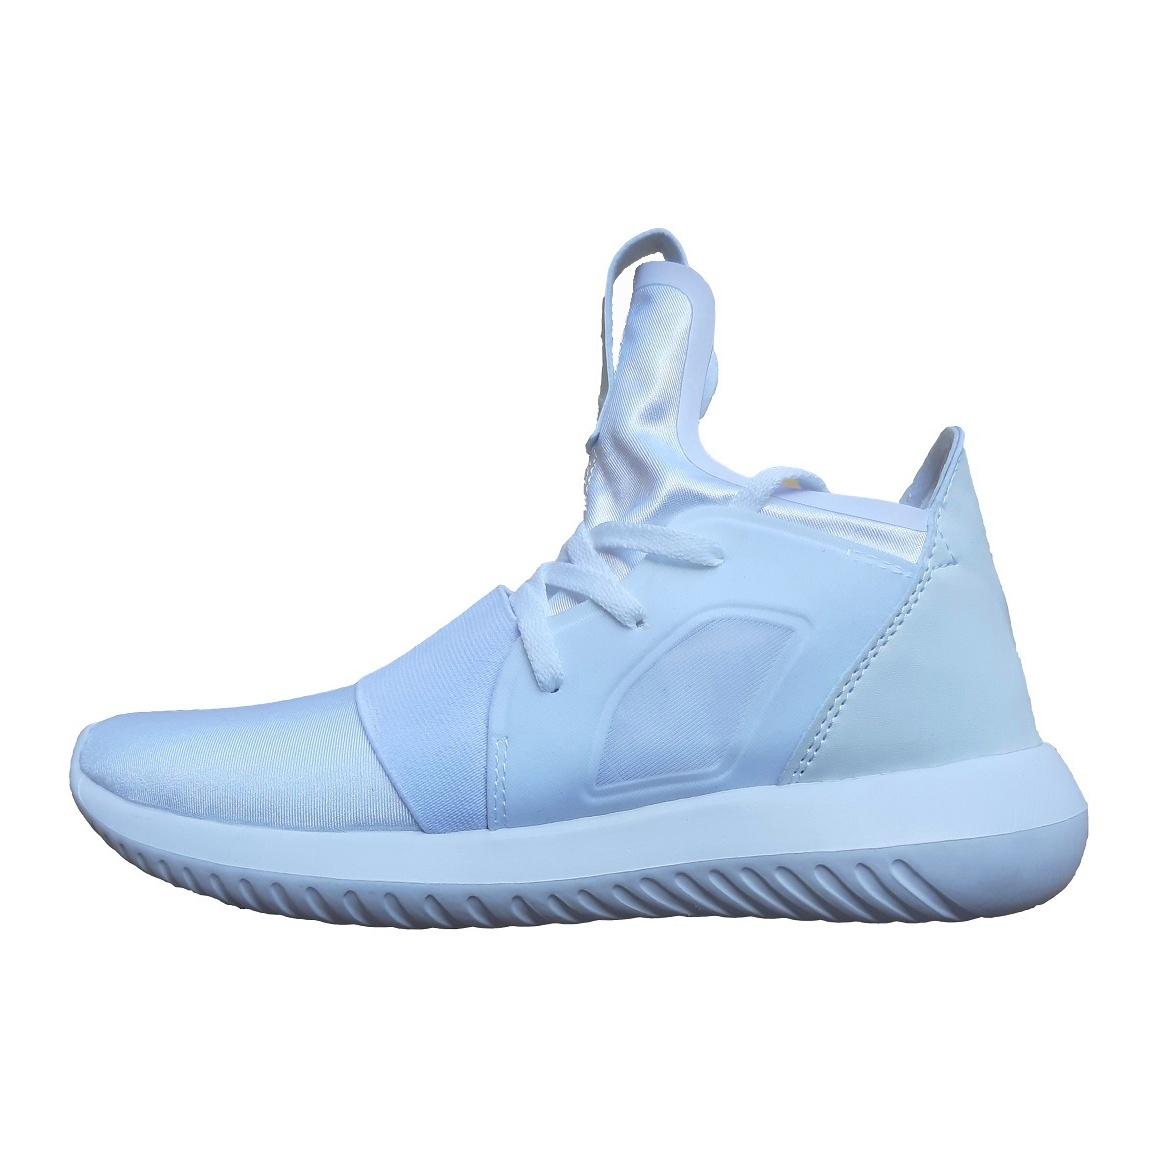 کفش مخصوص پیاده روی زنانه کد 217004 رنگ سفید